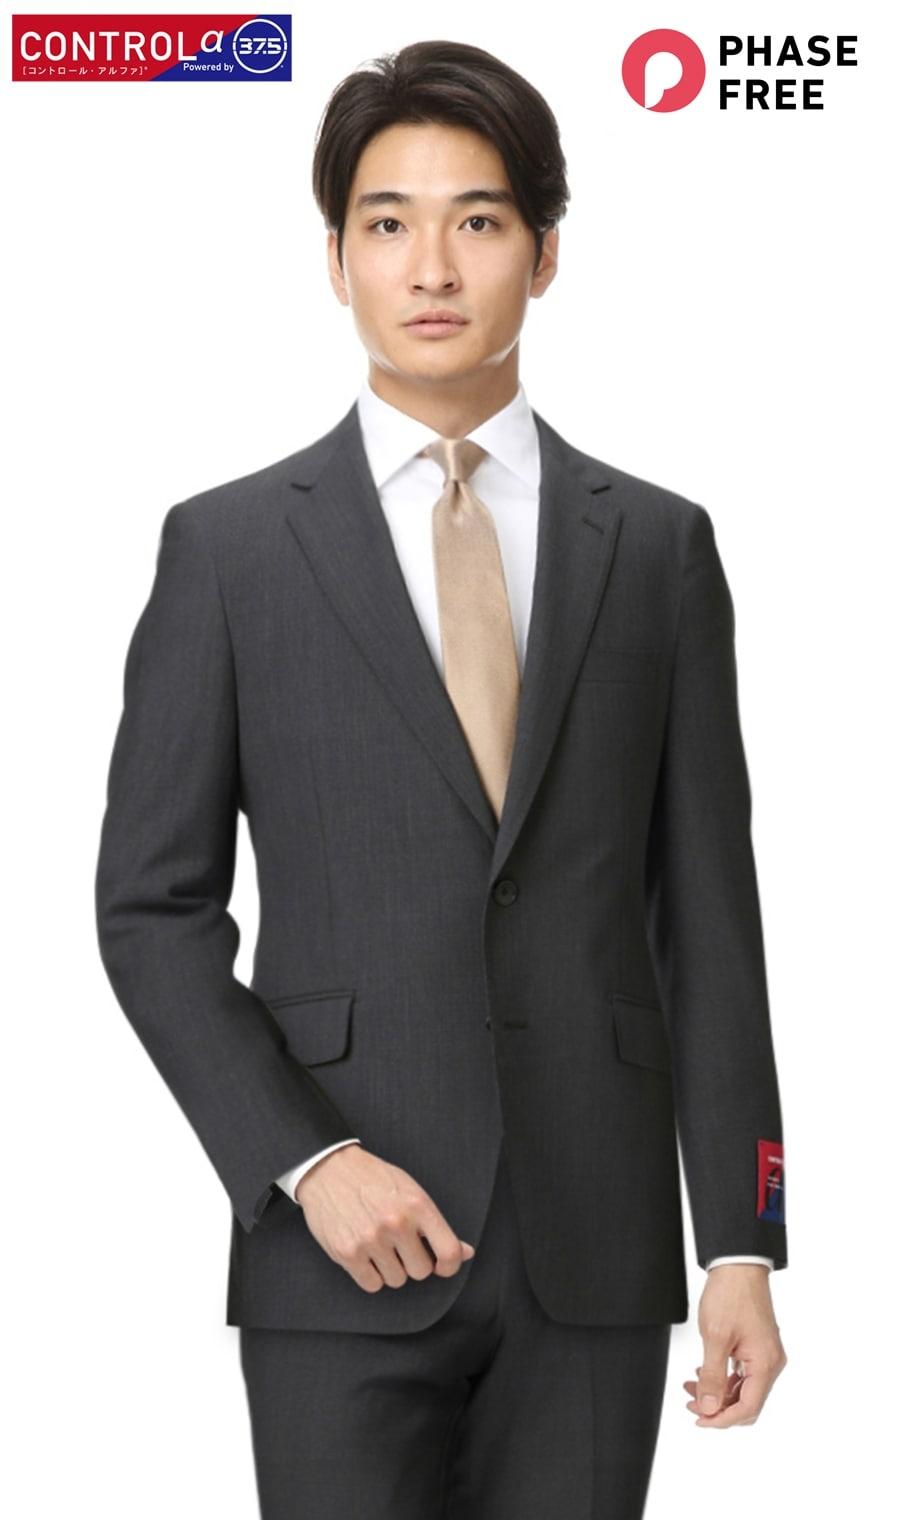 スタイリッシュスーツ【ツーパンツ】【CONTROLα】体感温度を快適にキープPERSON'S FOR MEN